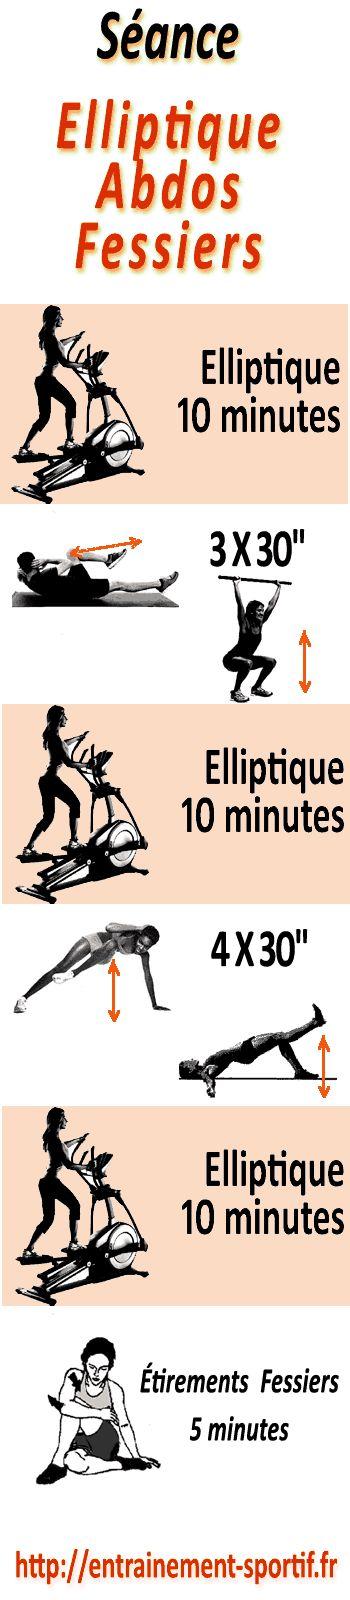 Programme cardio muscu avec vélo #elliptique pour les #abdominaux et les #fessiers http://entrainement-sportif.fr/velo-elliptique-abdos-fessiers.htm